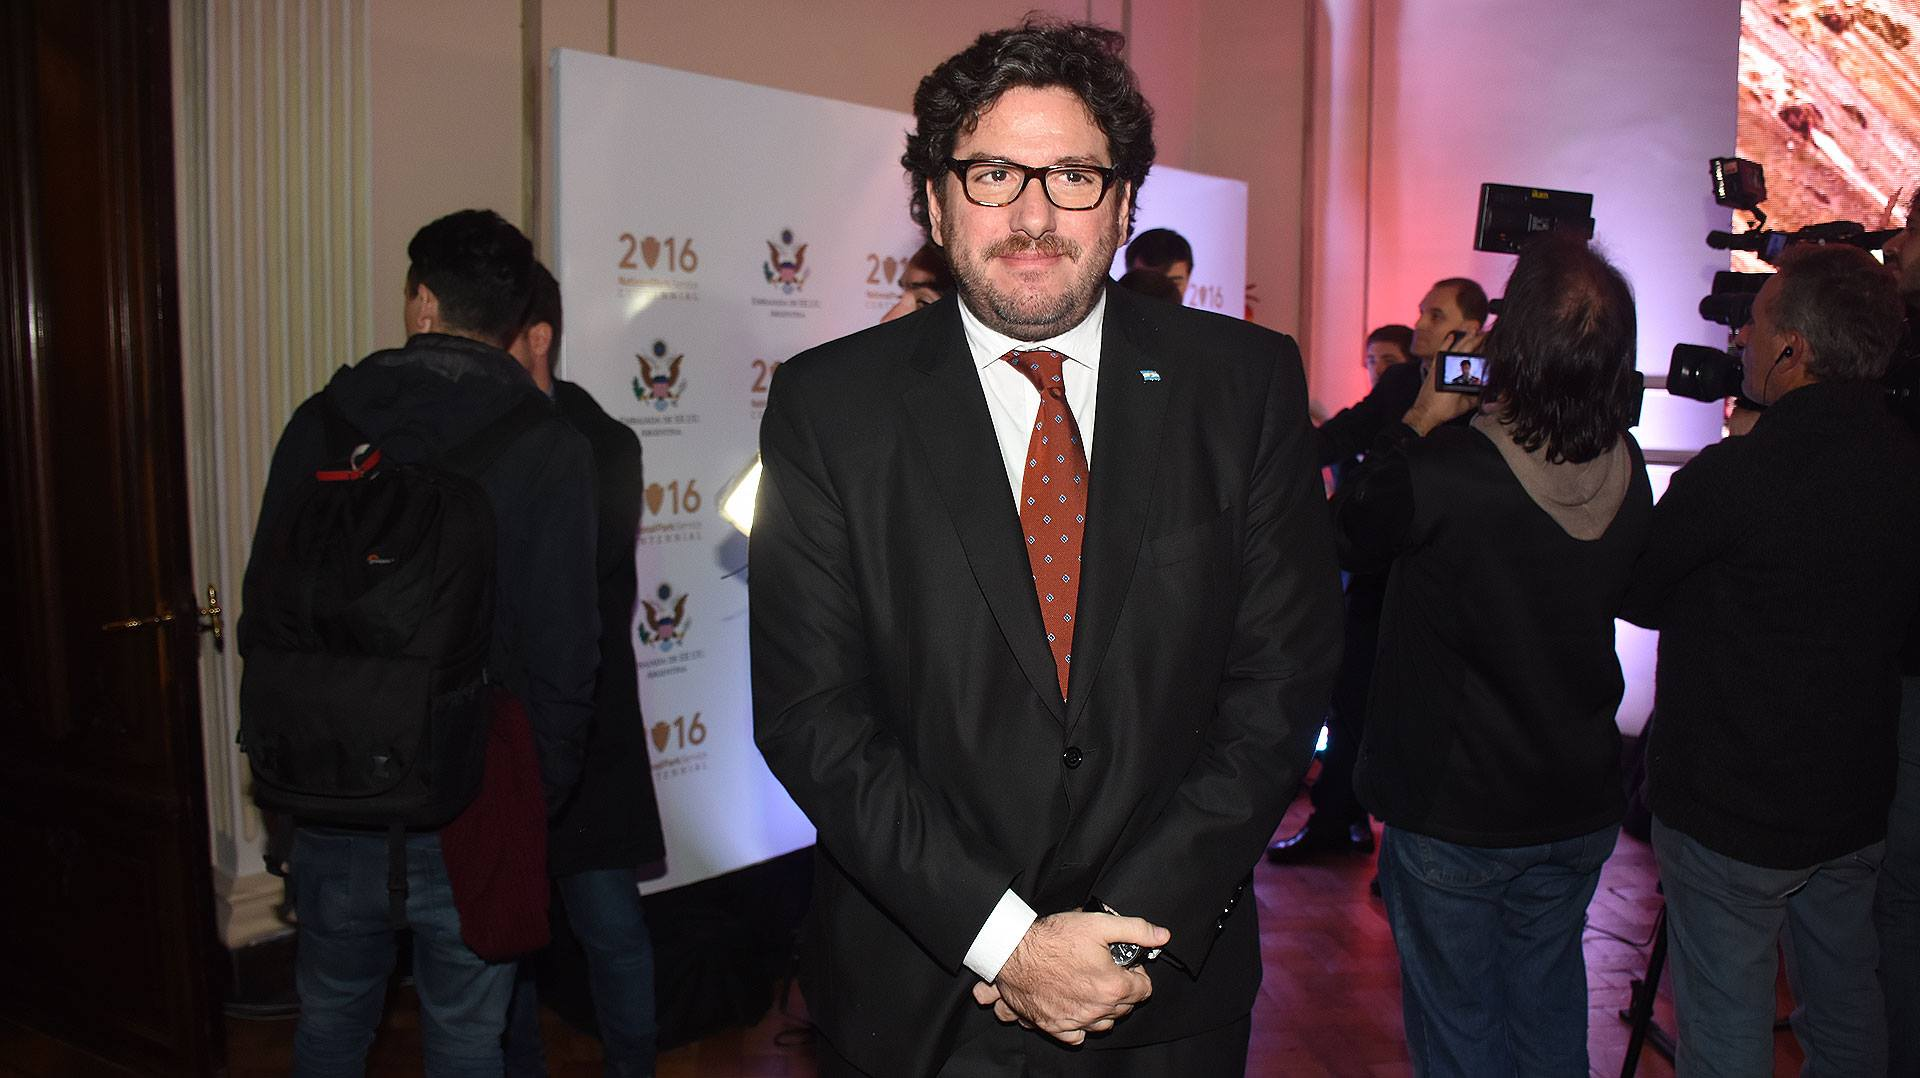 Pablo Avelluto, Ministro de Cultura de la Nación en la Embajada de Estados Unidos.